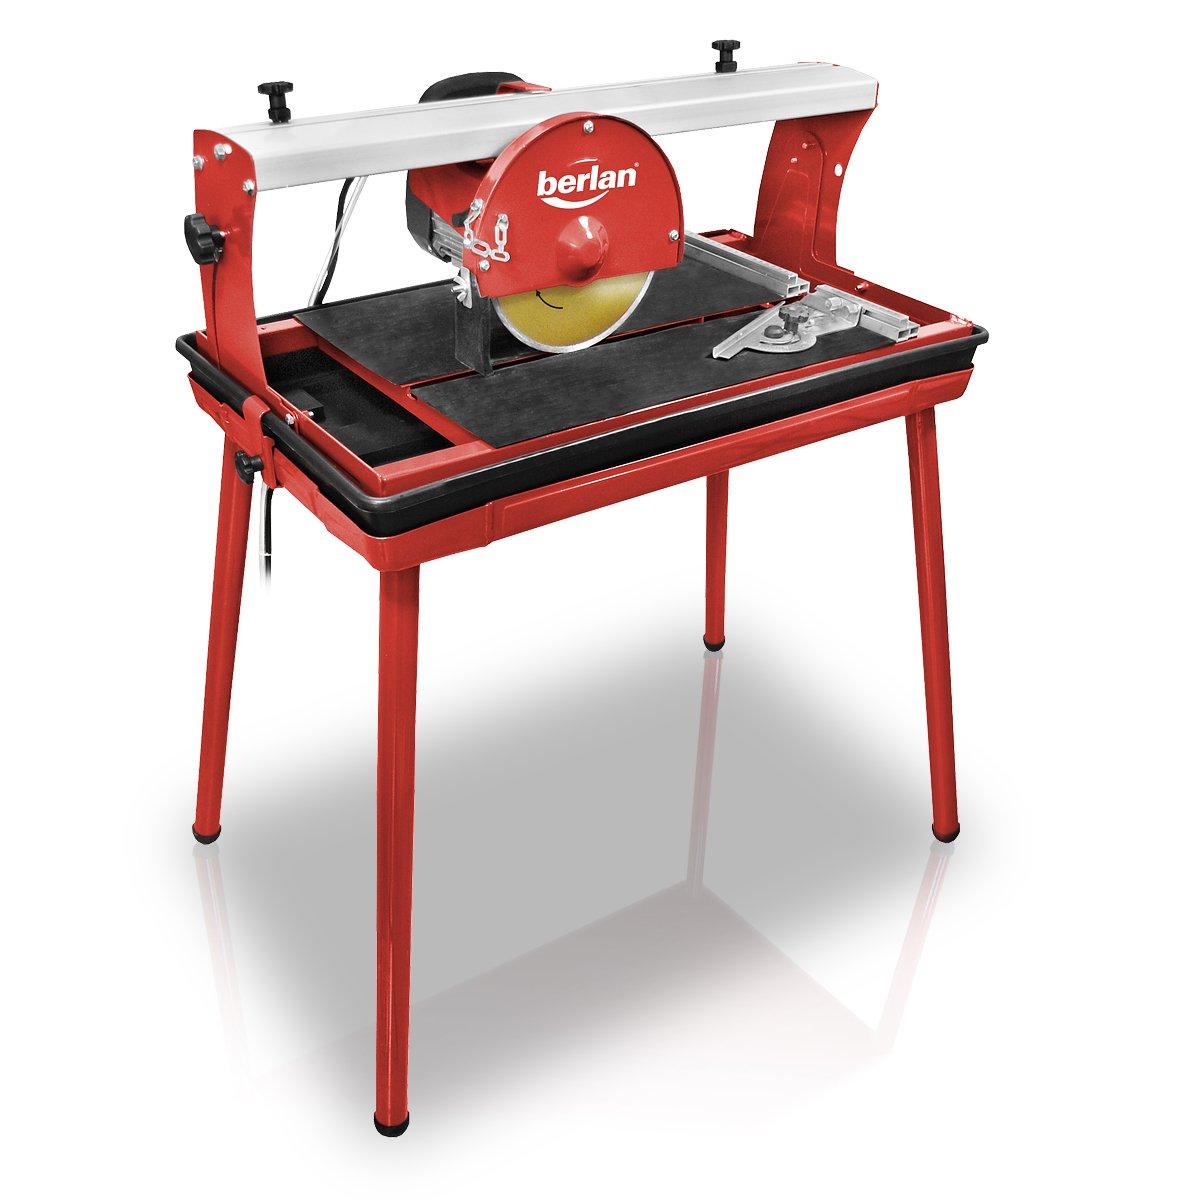 Berlan Radial Fliesenschneidemaschine 800 Watt / 200mm  BFSM800  BaumarktÜberprüfung und Beschreibung